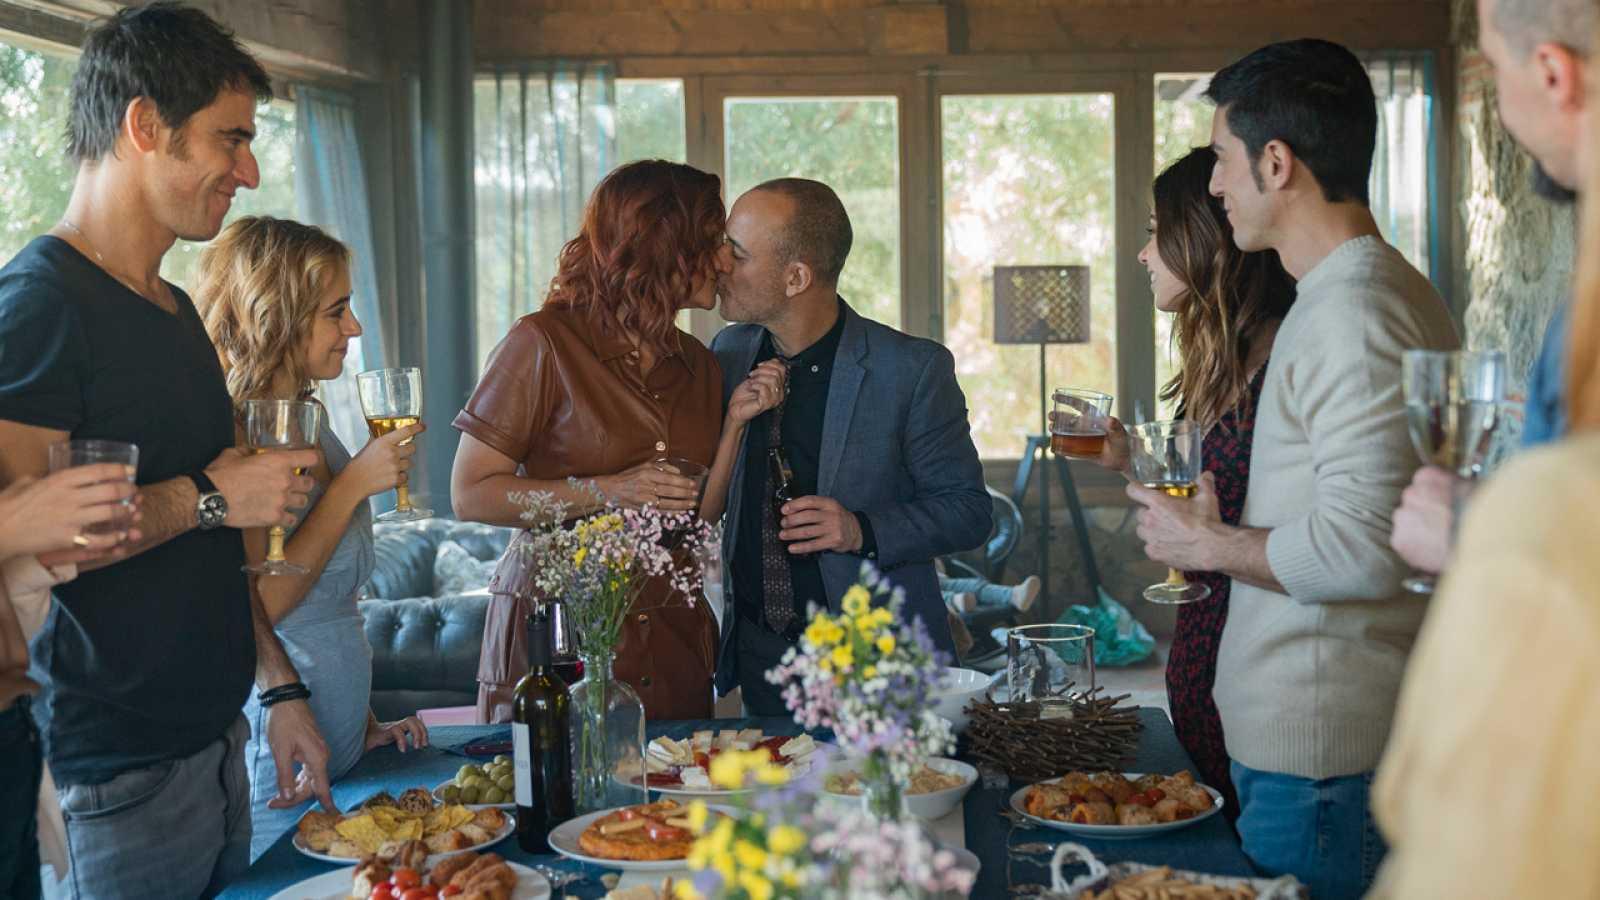 Estoy Vivo - 'Estoy vivo' se traslada al Pirulí para grabar su cuarta temporada